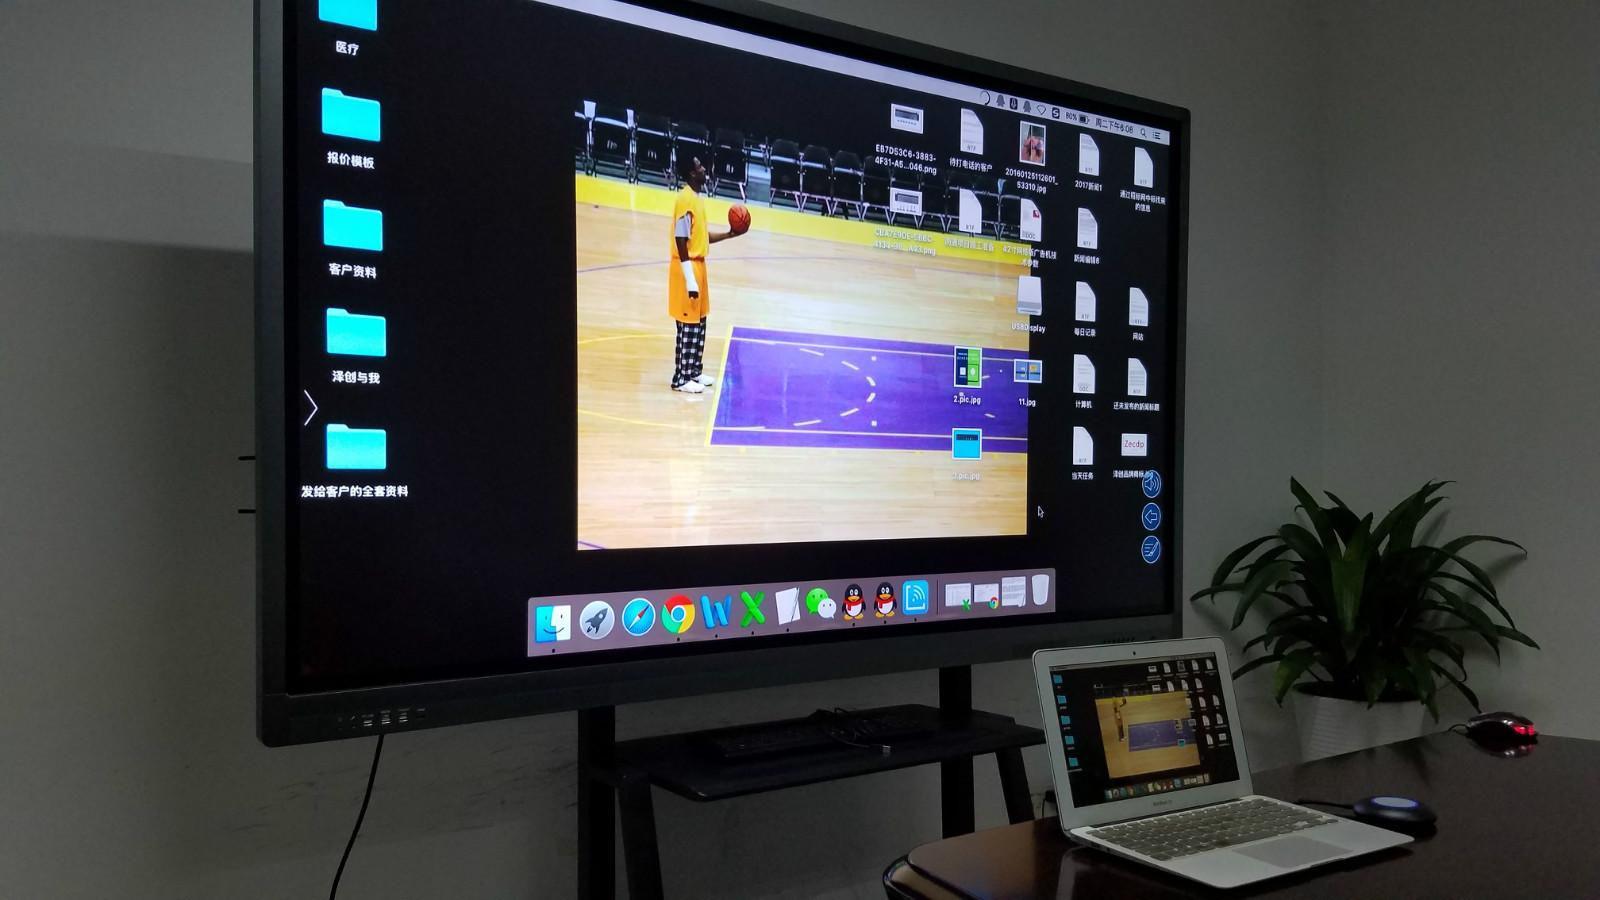 笔记本/手机/平板的信号可无线投影到会议室里液晶拼接屏上显示吗?